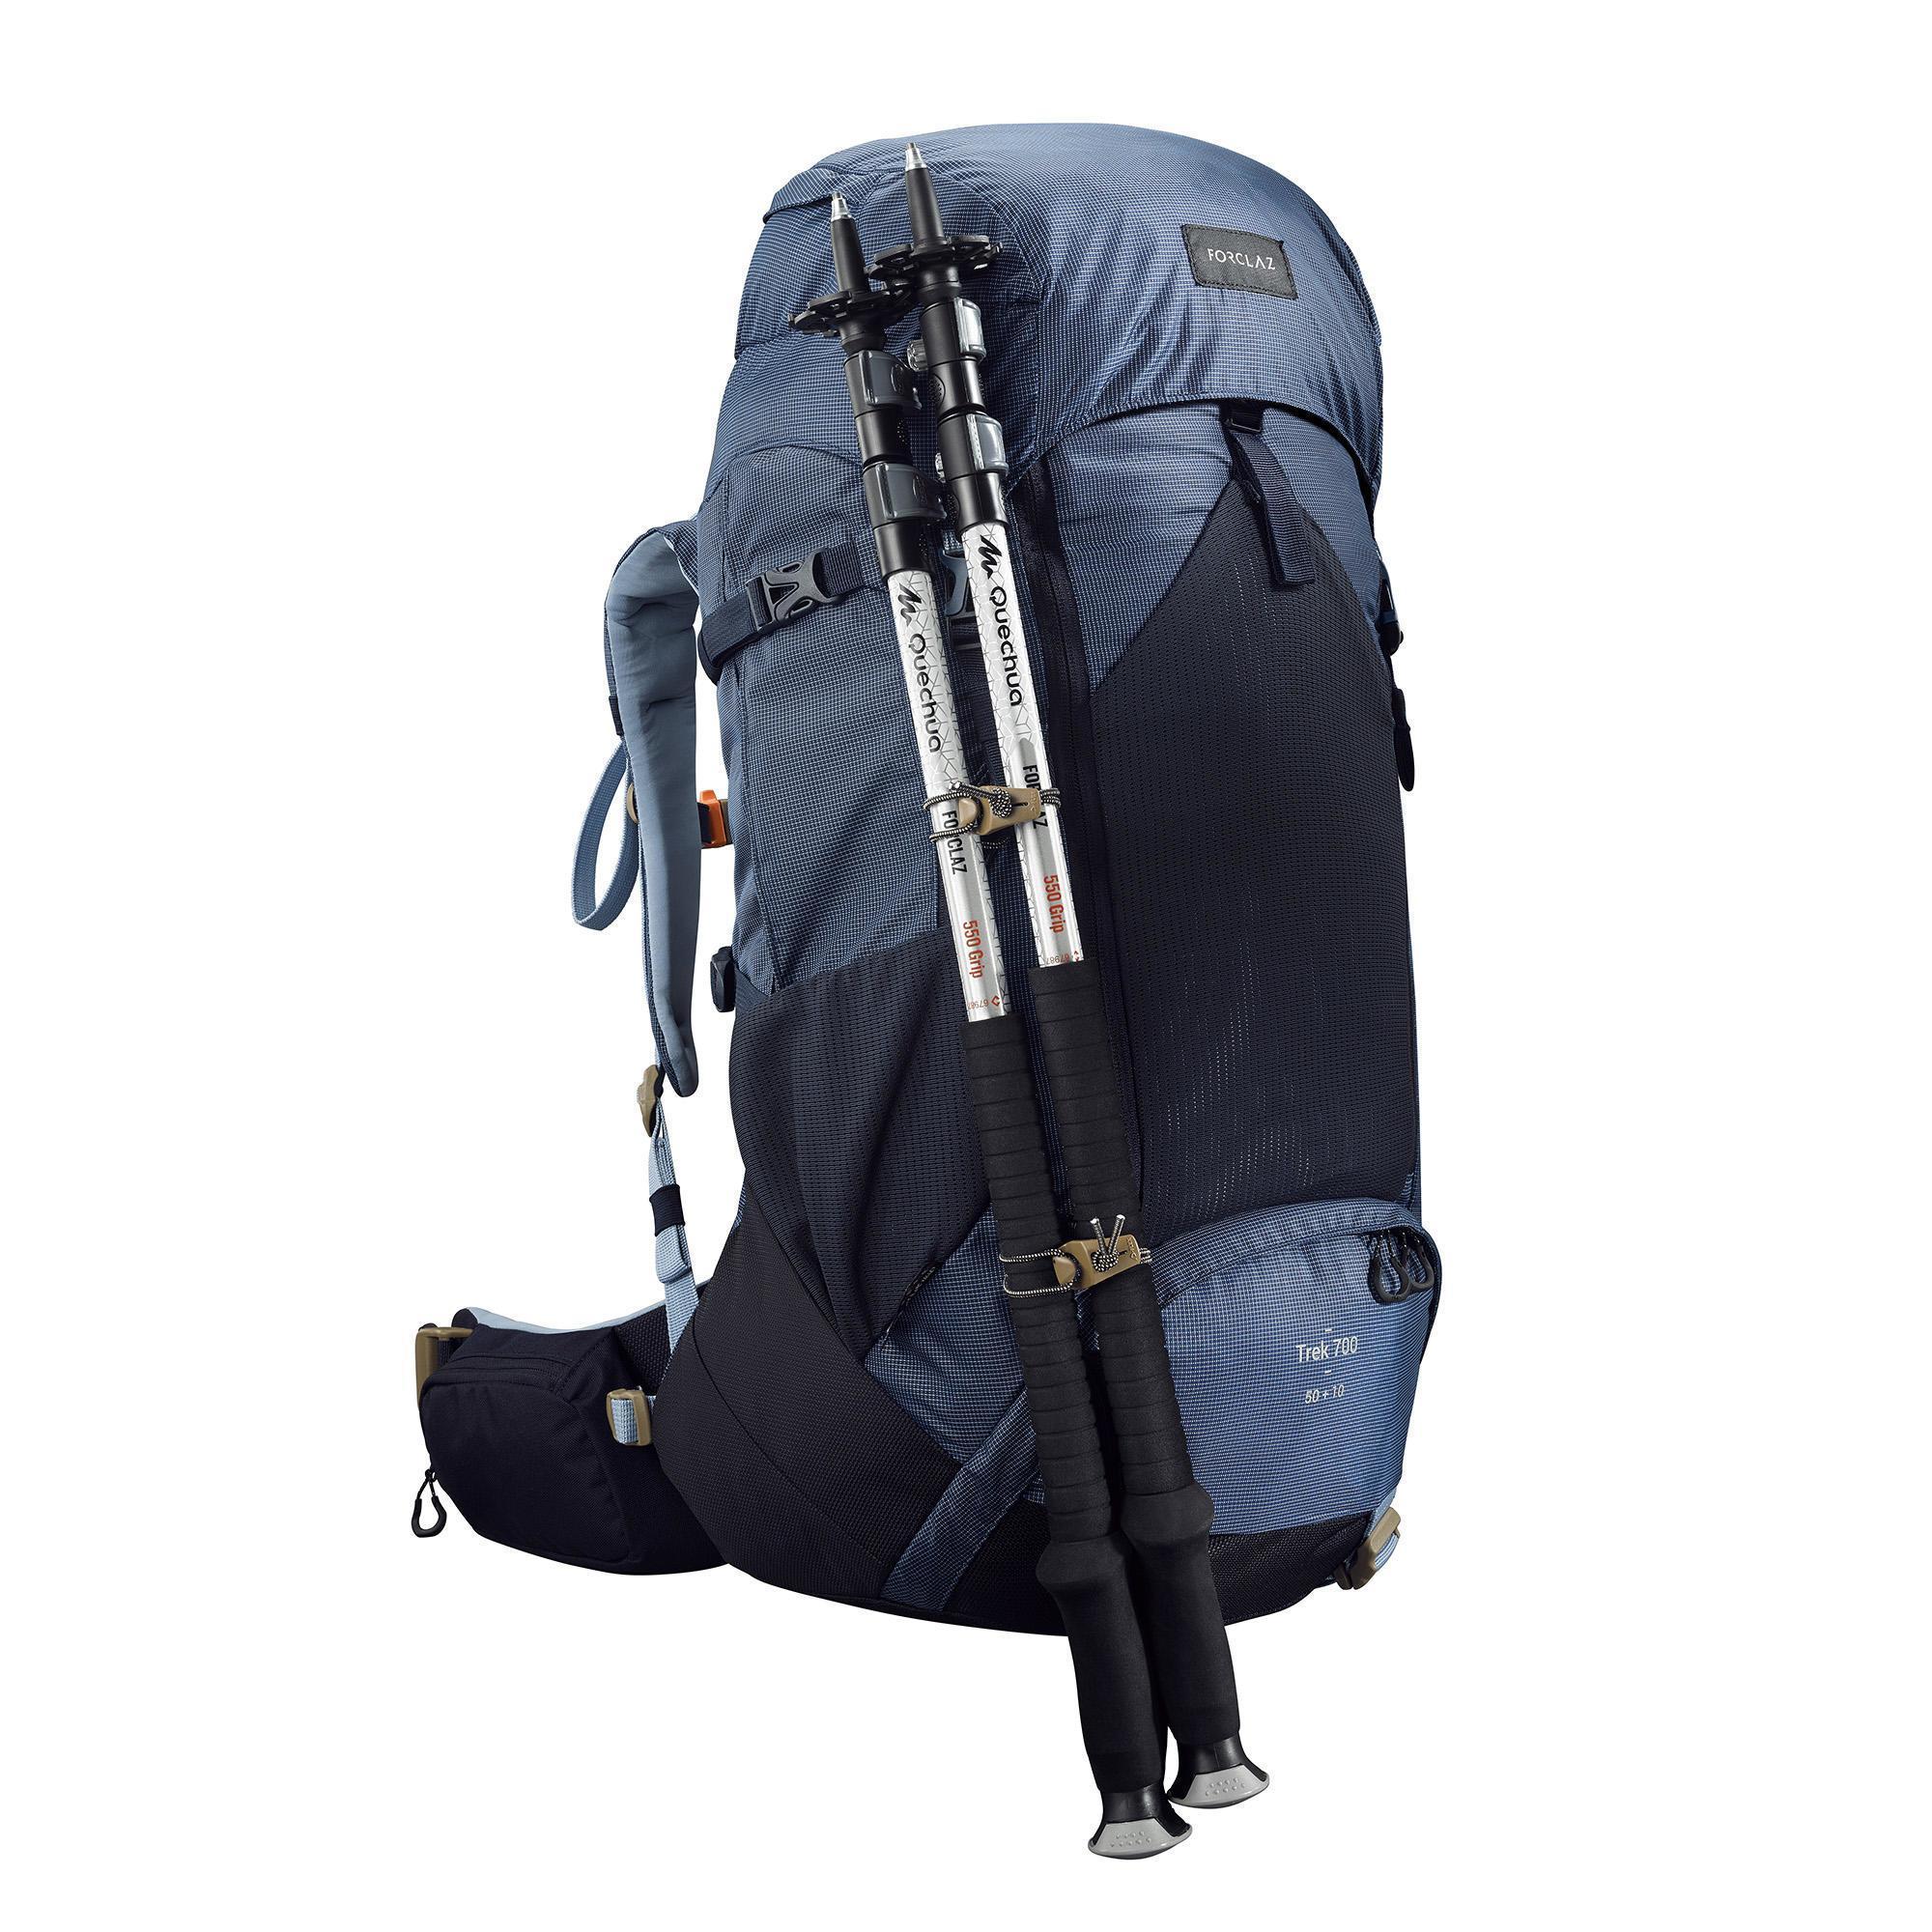 833339611c9 Trekking backpack kopen? | Online of in de winkel | Decathlon.nl